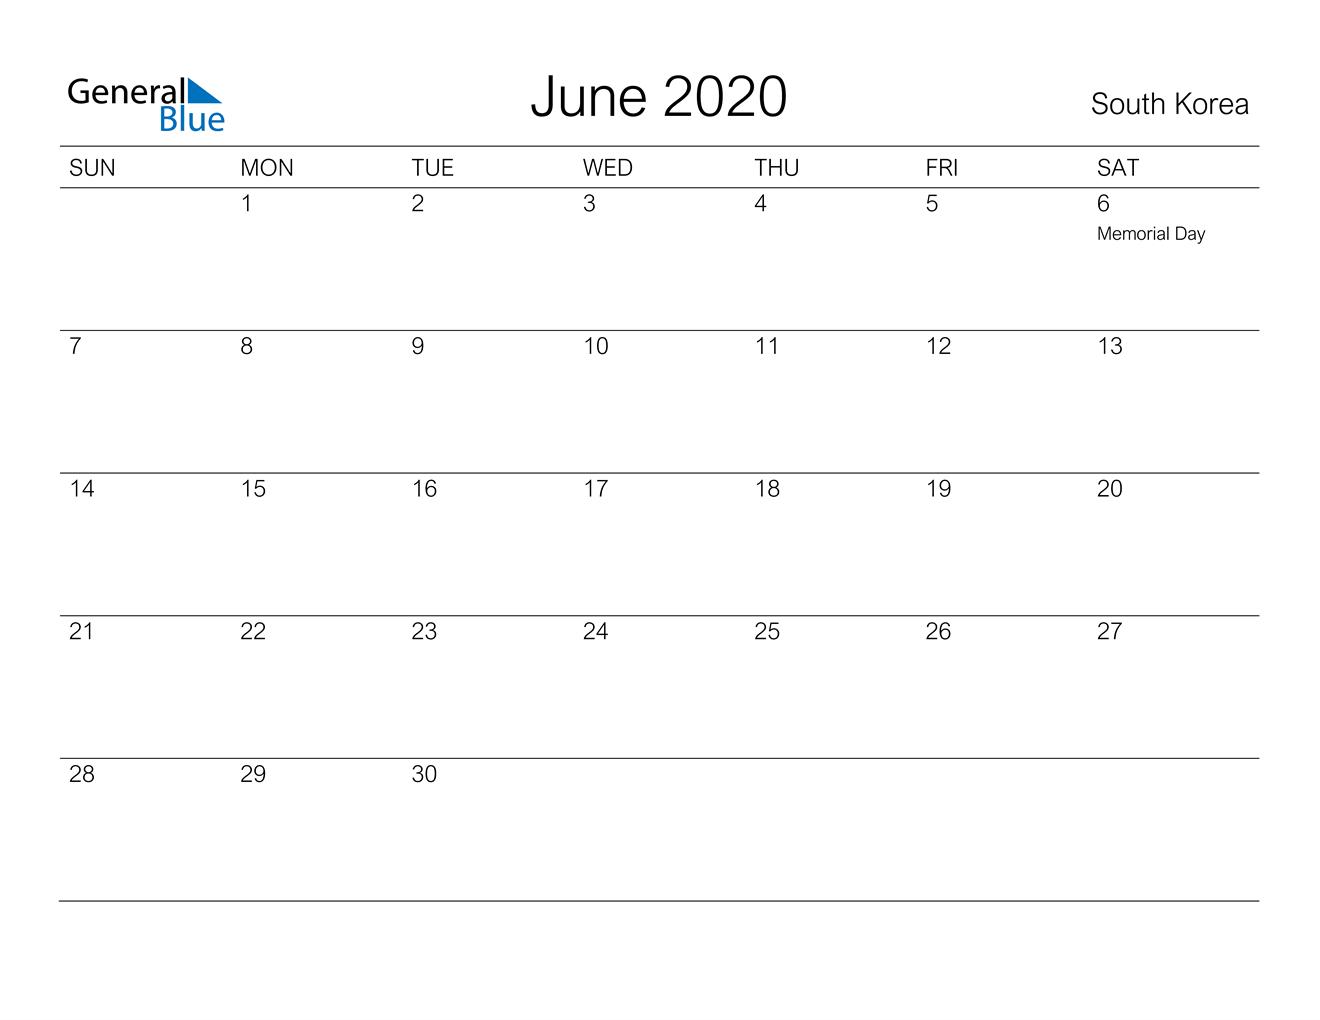 June 2020 Calendar - South Korea